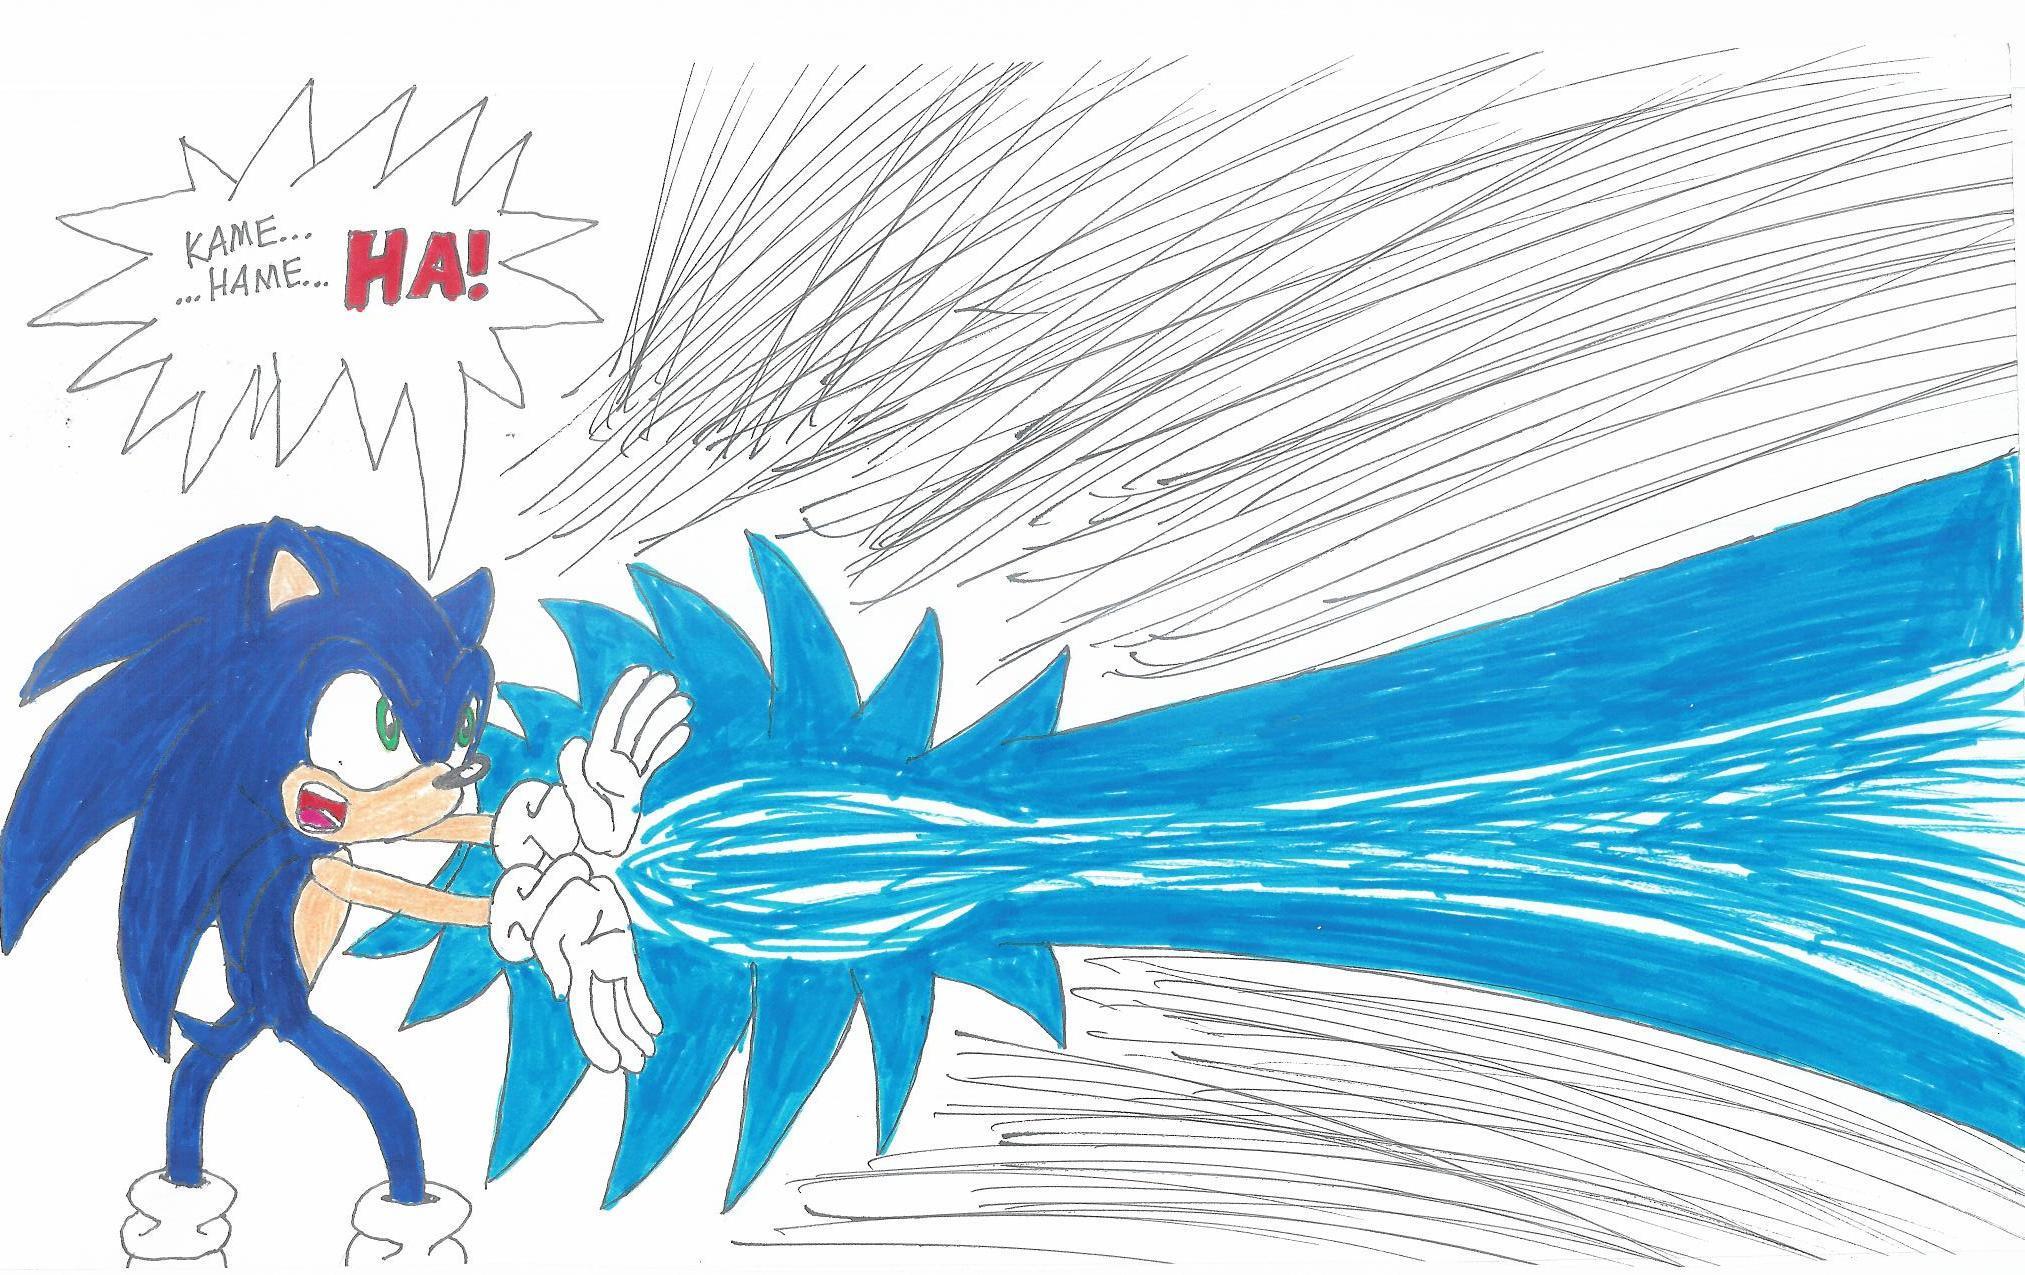 Sonic: KAMEHAMEHA test - YouTube